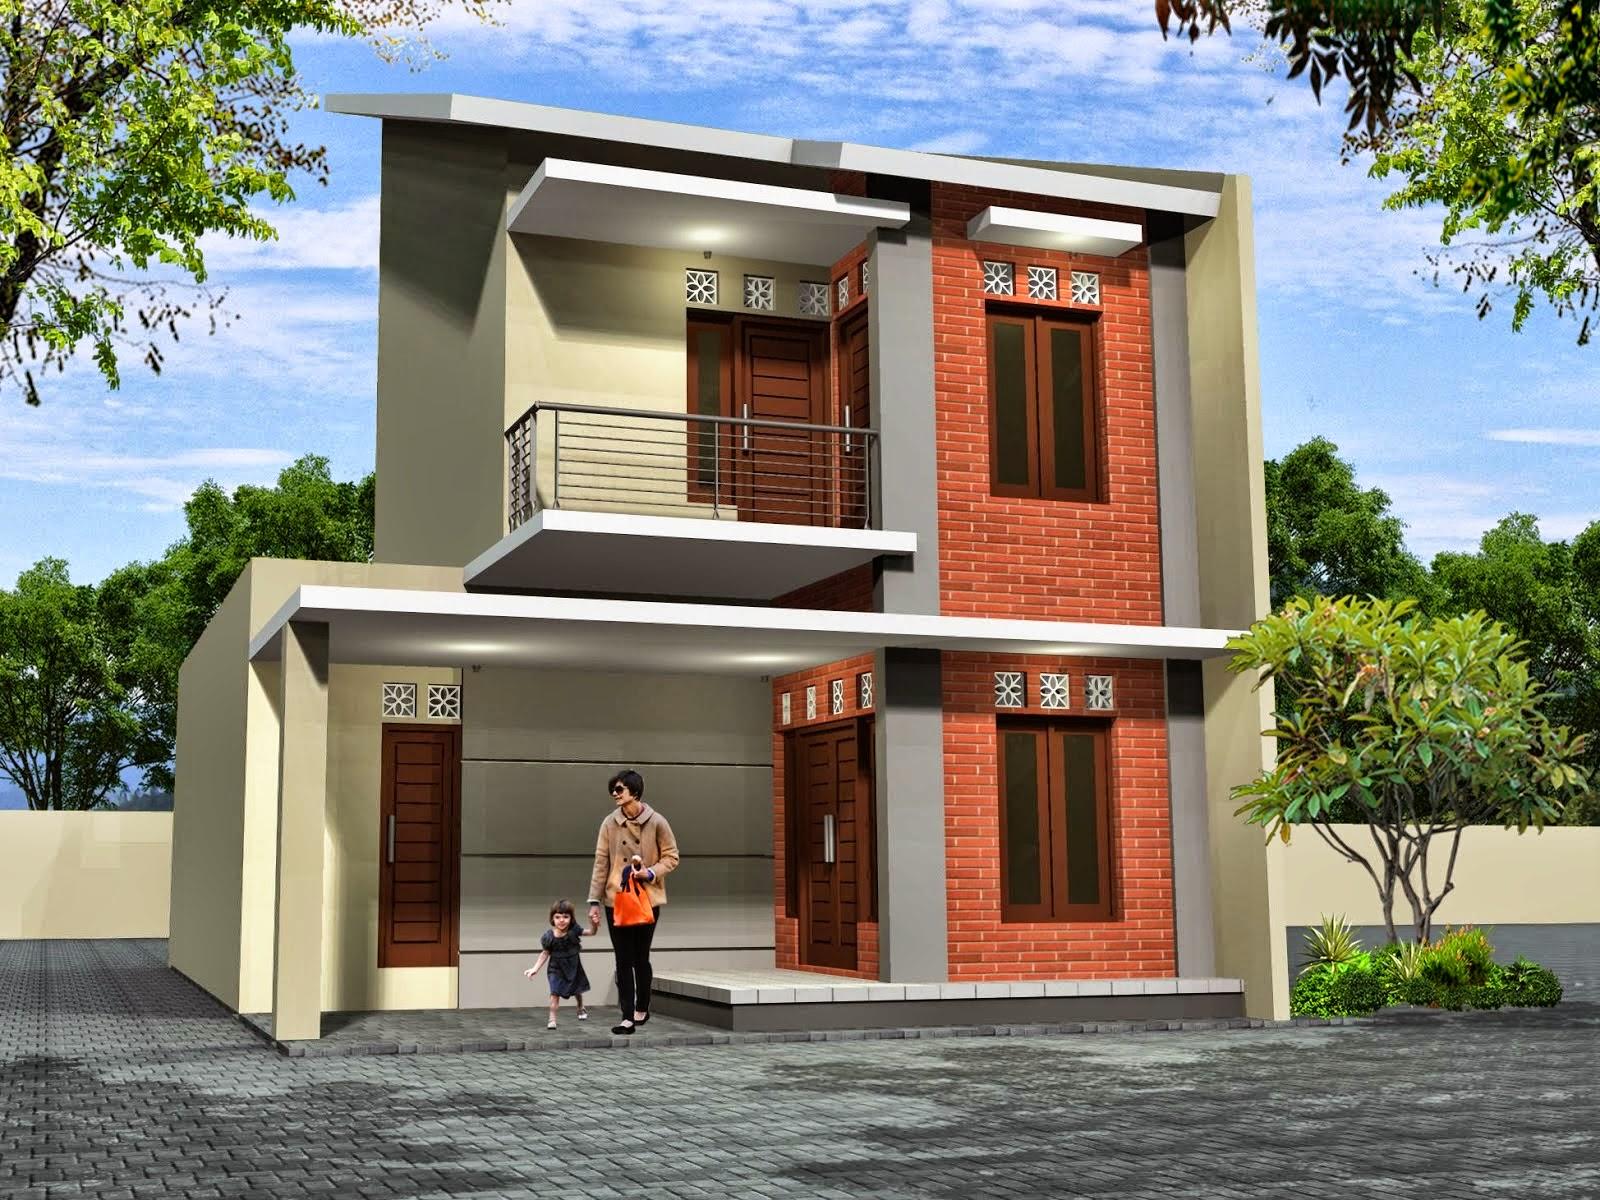 Desain Rumah Minimalis 2 Lantai Pojok Foto Desain Rumah Terbaru 2016